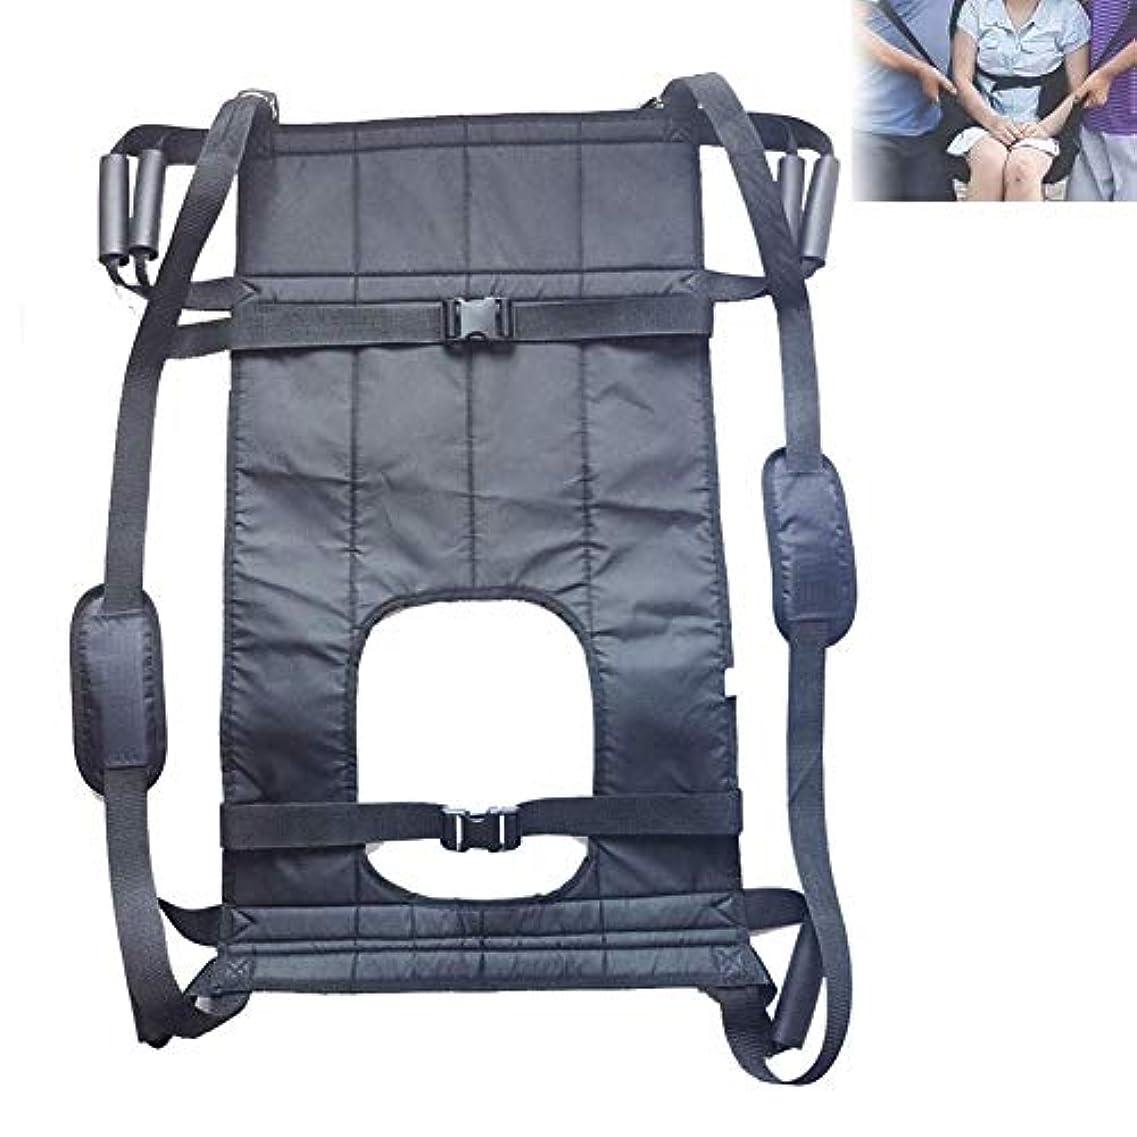 ぐるぐるエクステントリングバック患者用補助具パッド付き車椅子用シートベルトハンドル付きベルト、寝たきり老人介護、便器患者用のトランスファーシートパッド,Canlieflat